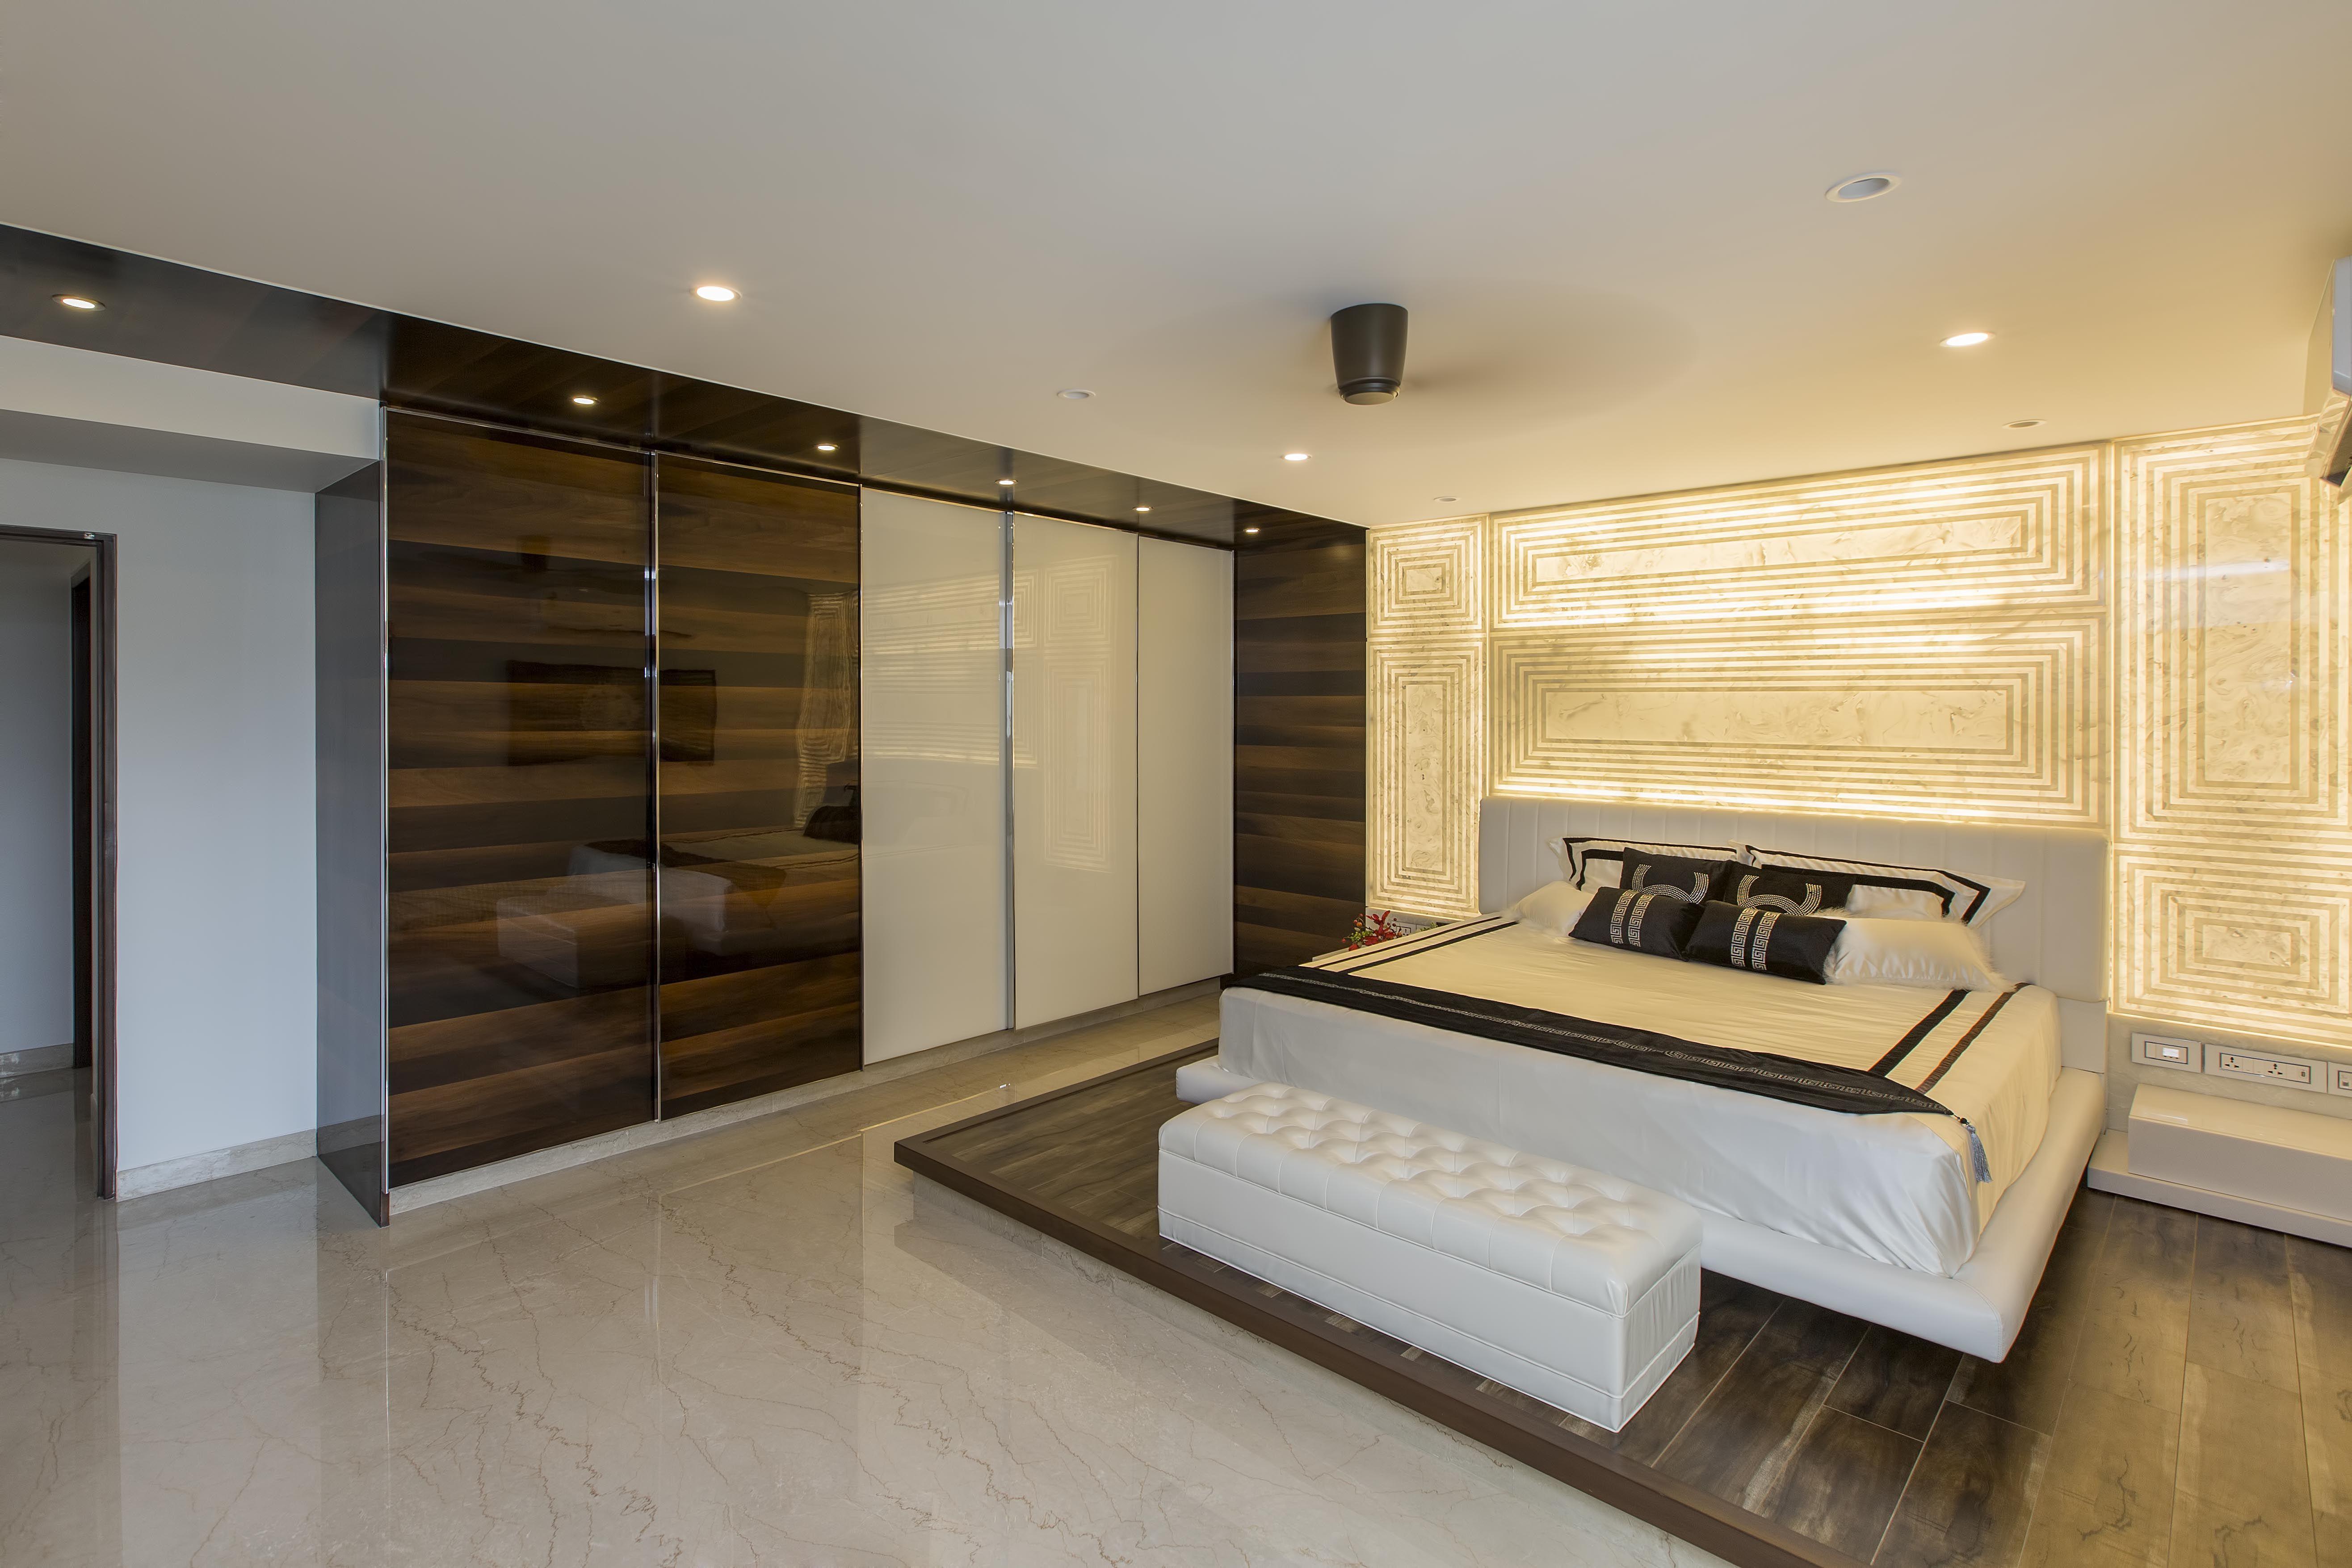 Épinglé par Manu sur Bedroom ideas | Pinterest